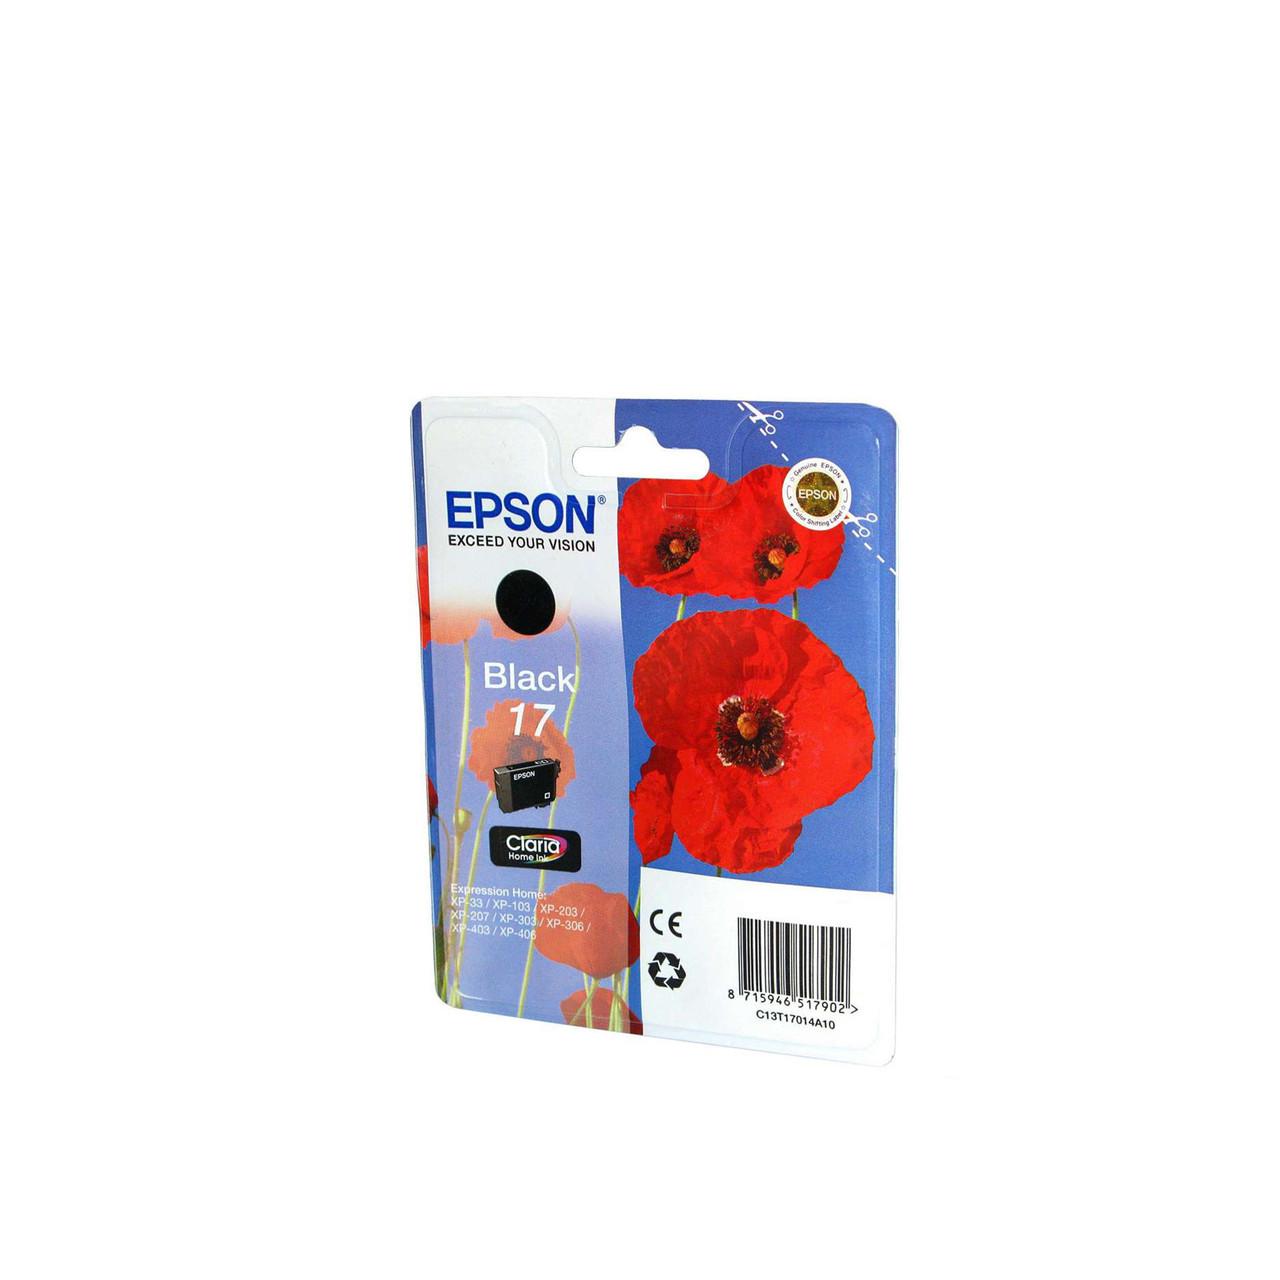 Струйный картридж Epson 17 (Оригинальный, Черный - Black) C13T17014A10